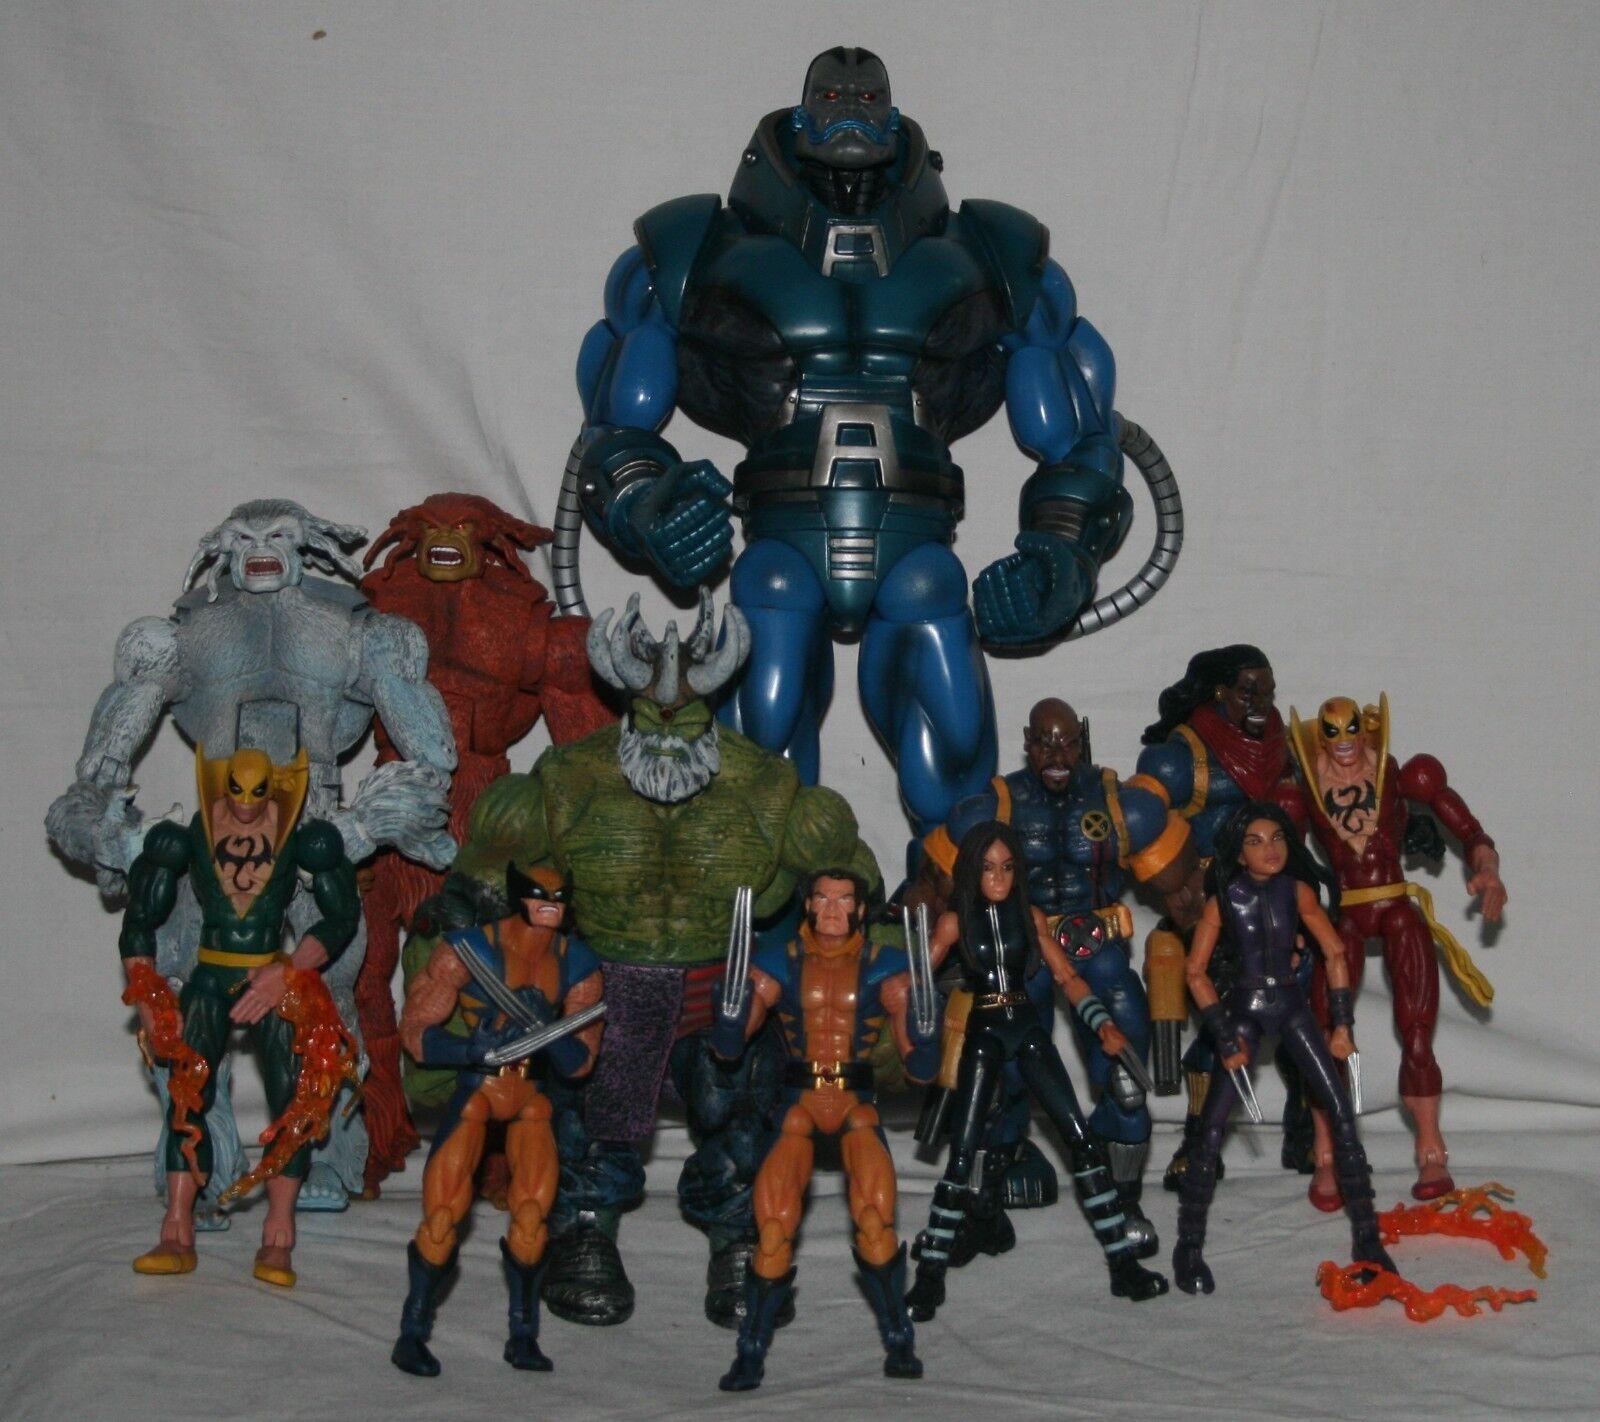 Marvel legends series 12 2005 BAF Apocalypse complete set regular and variants